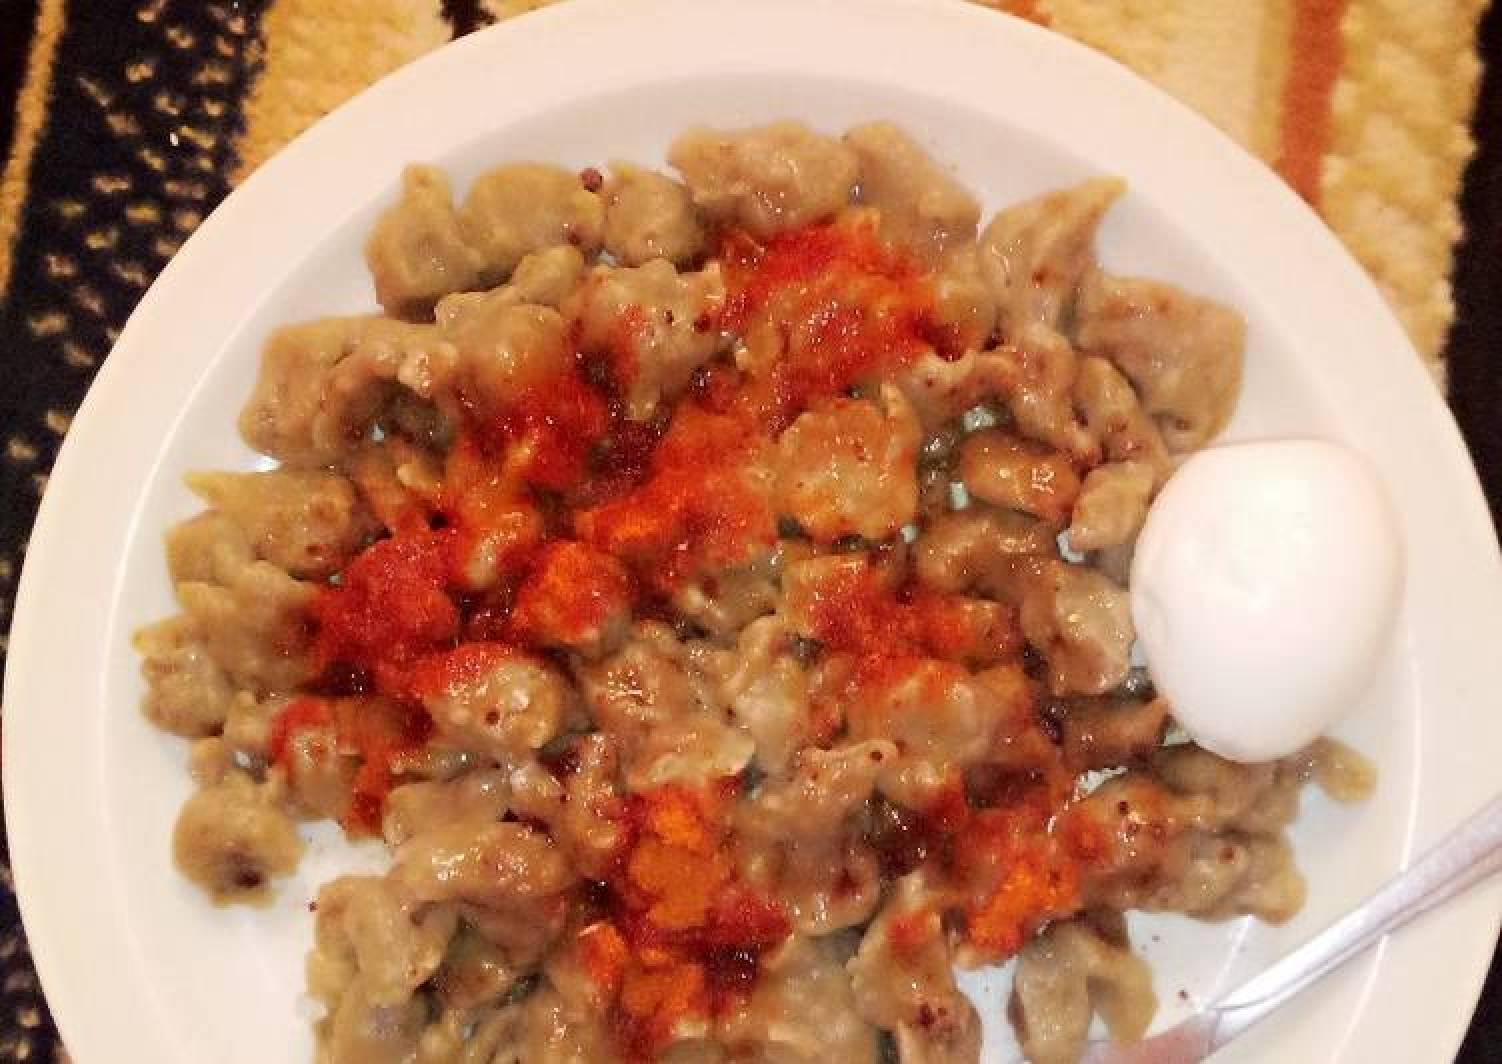 Flour dumplings